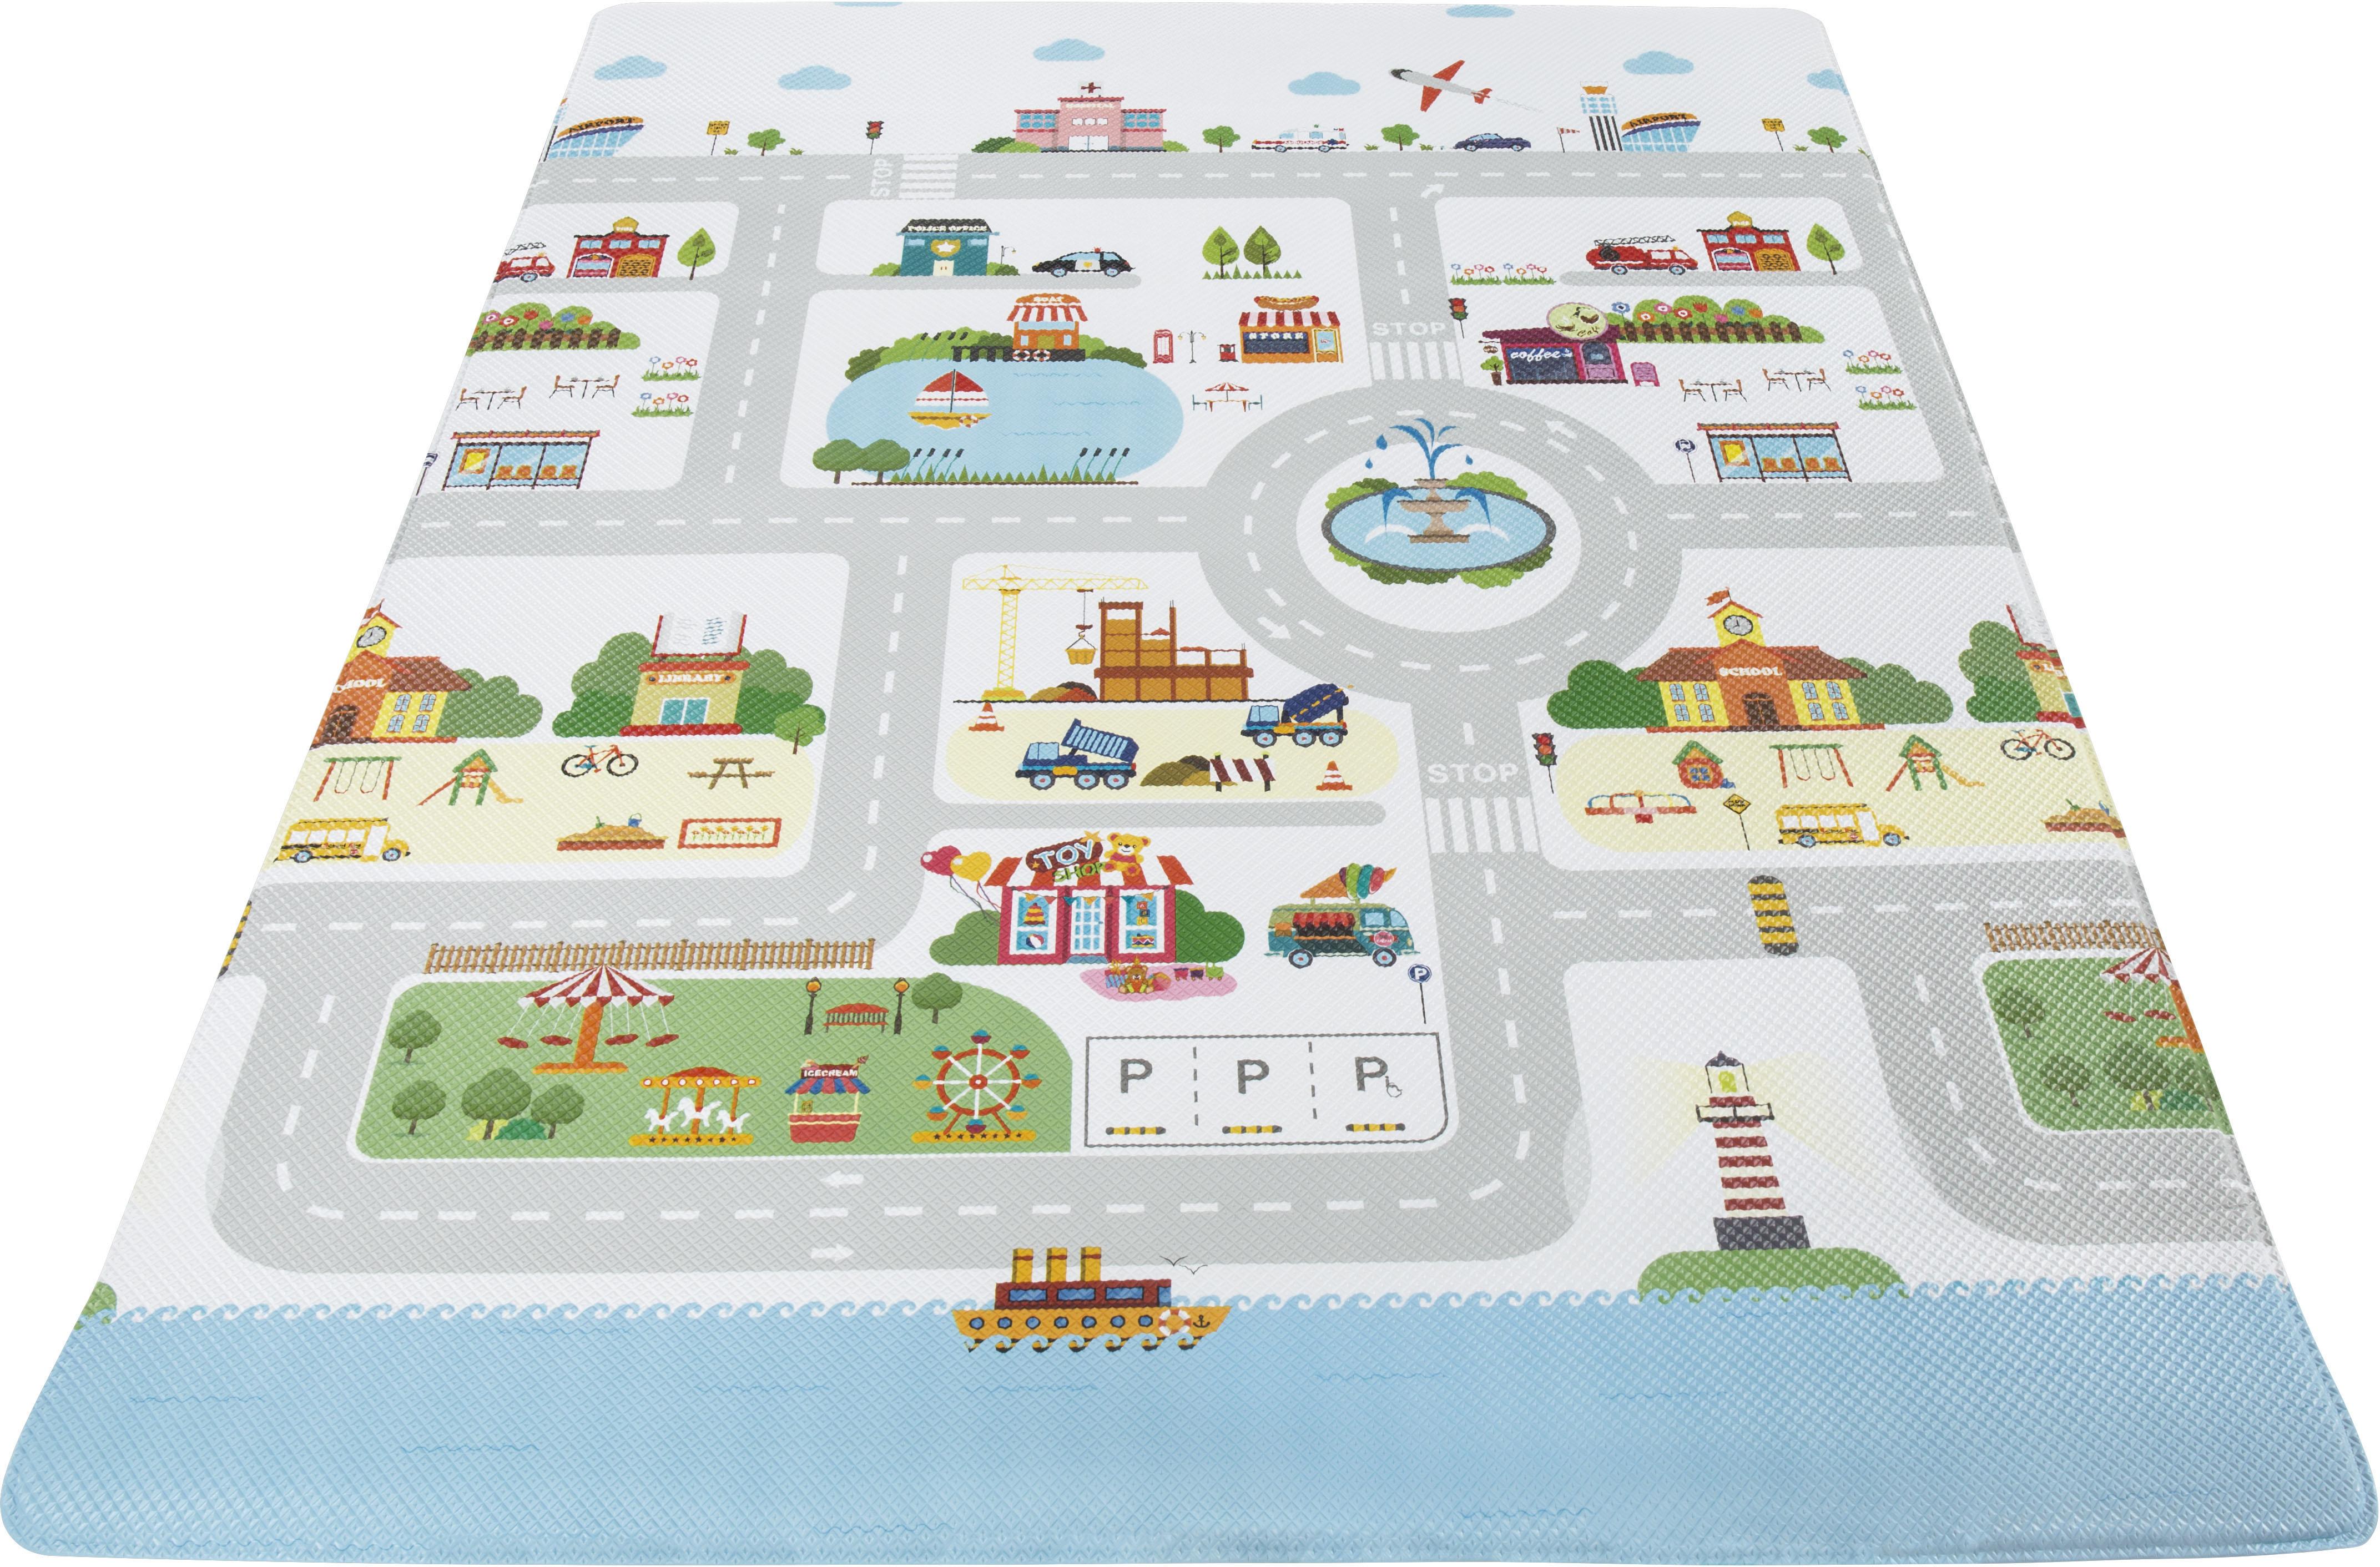 Andiamo Kinderteppich Spielmatte, rechteckig, 8 mm Höhe, Straßen-Spielteppich, abwischbar bunt Kinder Kinderteppiche mit Motiv Teppiche